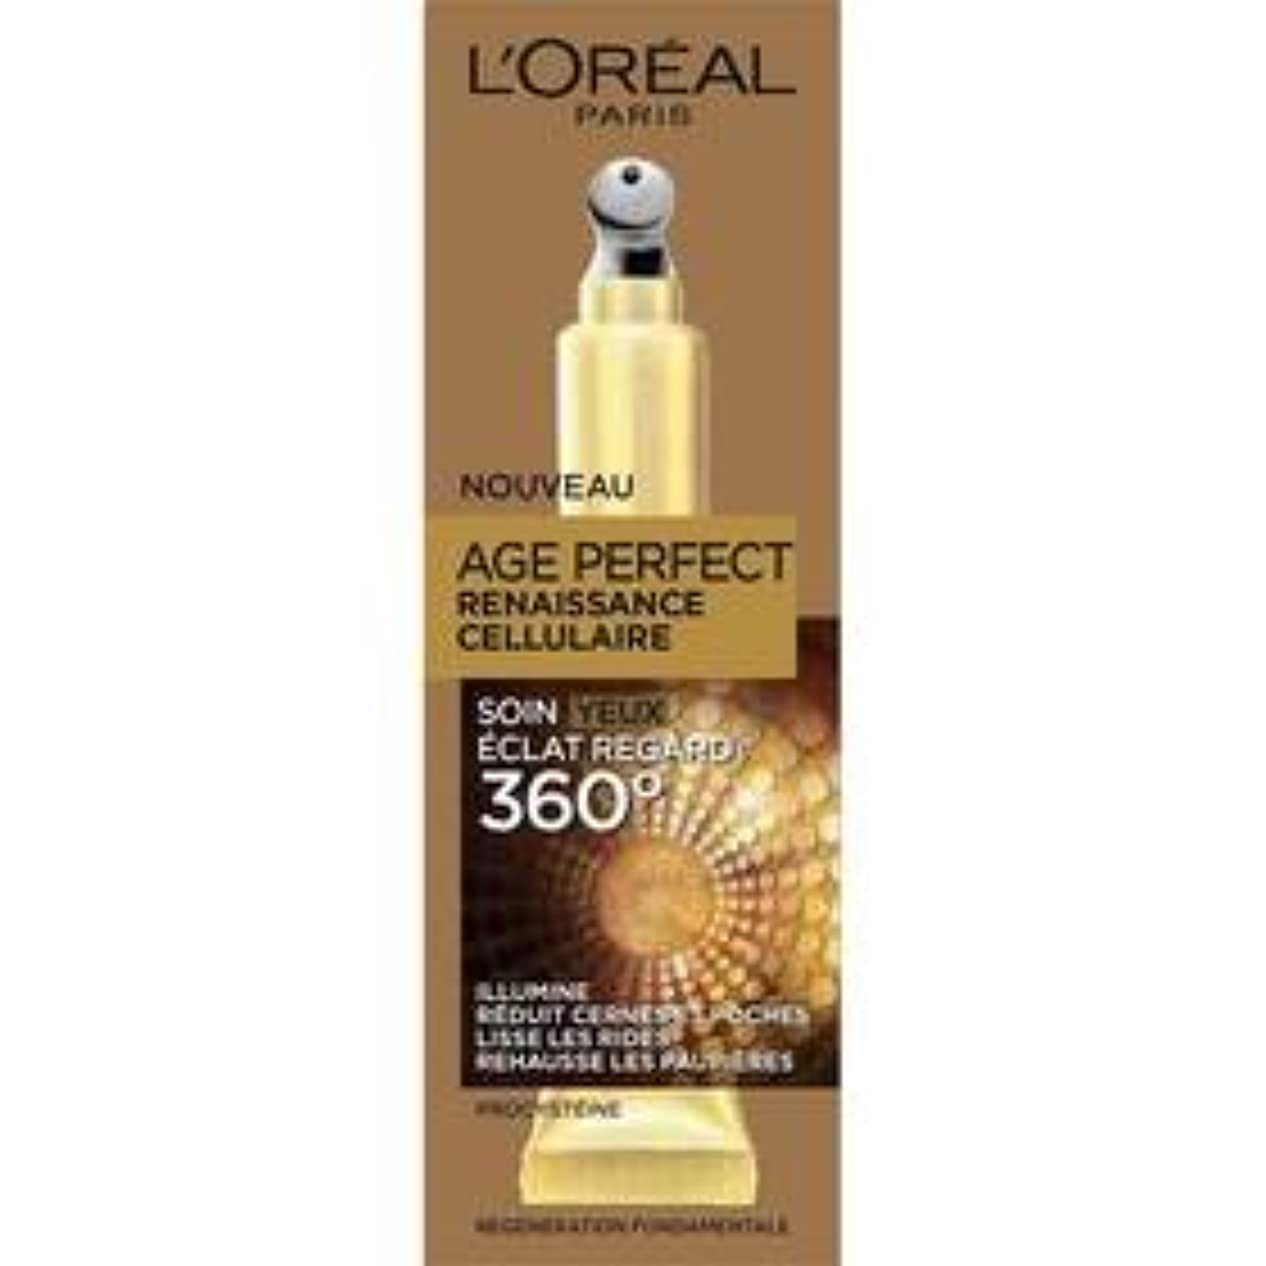 前売ヒステリック浸漬L'oreal age perfect soin yeux renaissance cellulaire 360° 15ml- (for multi-item order extra postage cost will...